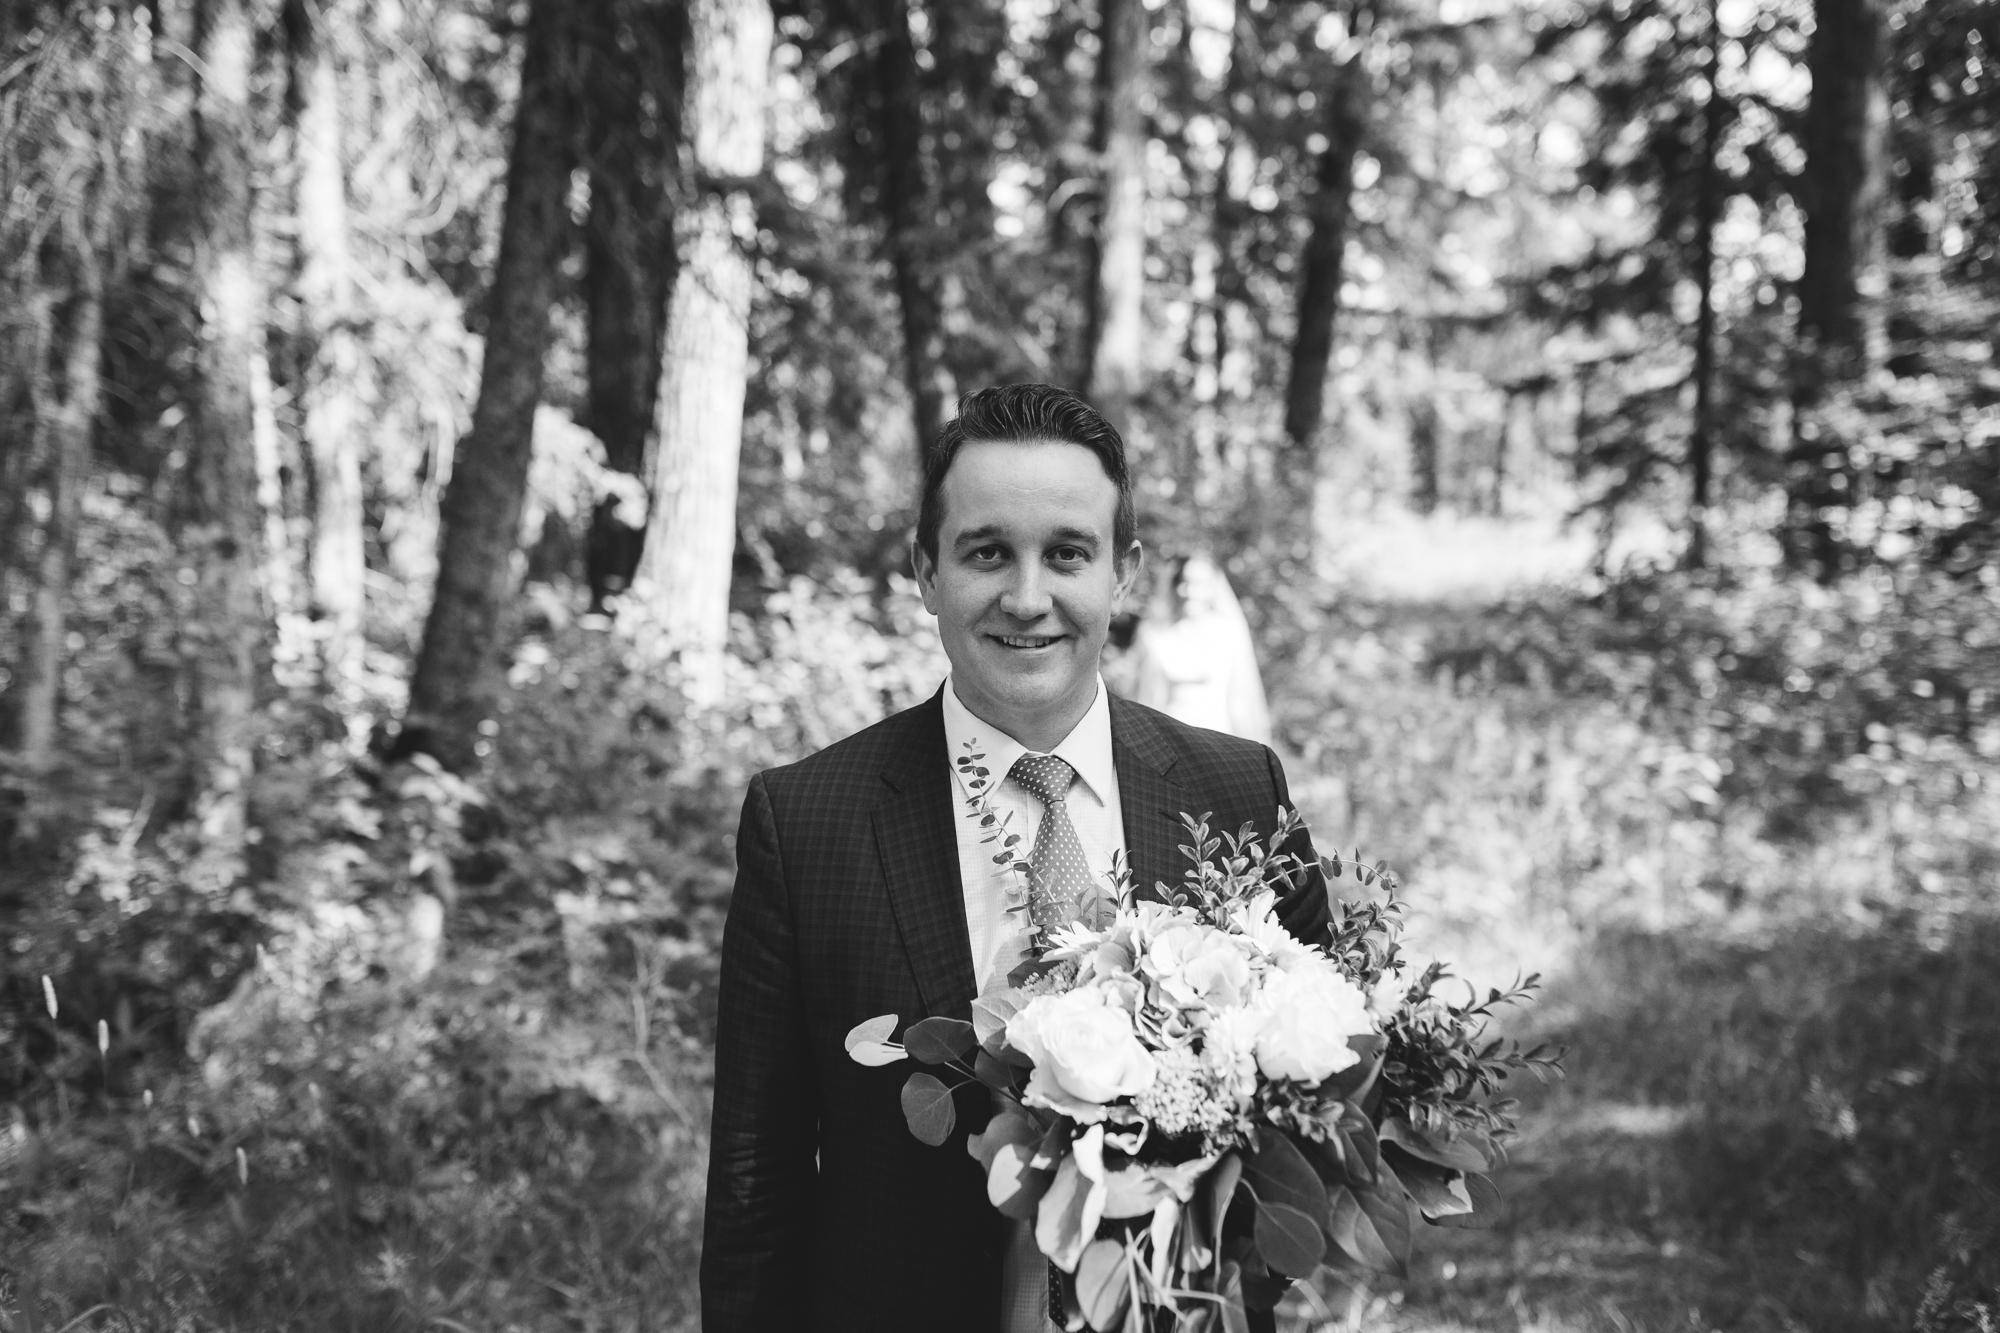 Deanna-Rachel-Photography-calgary-Wedding-photographer-jm-20.jpg